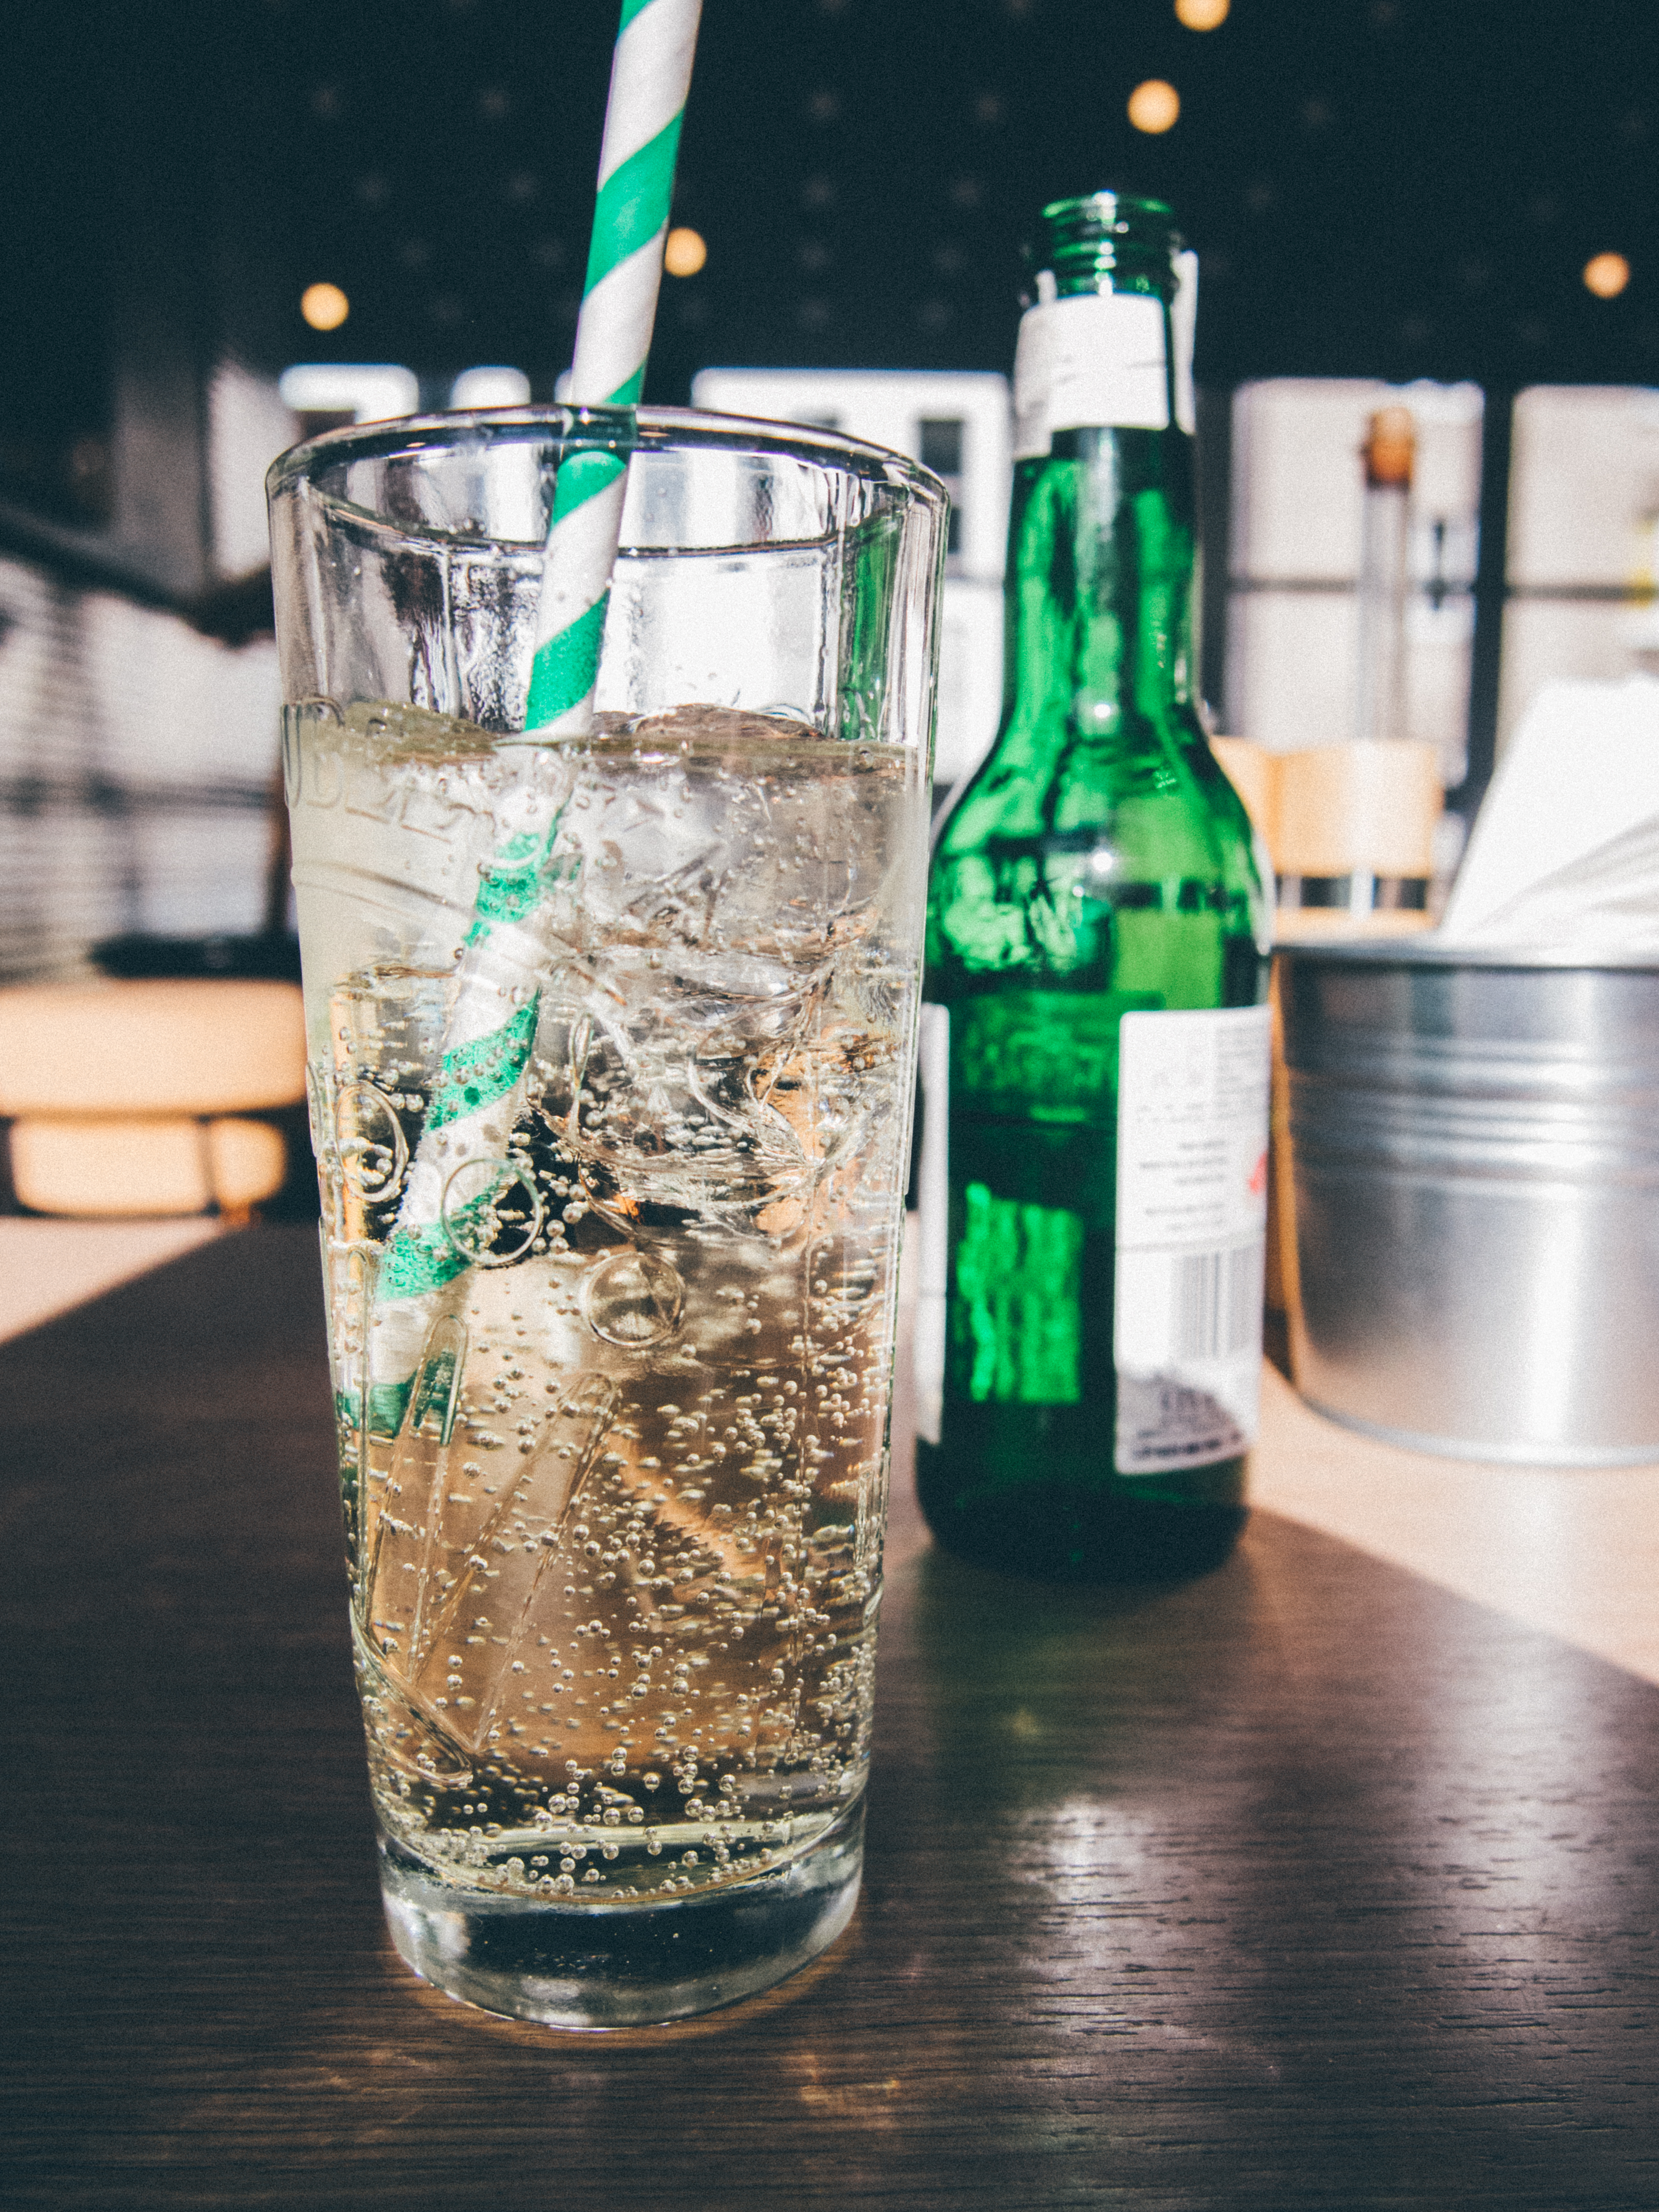 #7 盡量不喝冷飲 喔!但冷開水除外,畢竟多喝水對身體有幫助。但吃東西之前&吃東西中途非常不建議配冷飲,口中的冷飲會讓味覺降低,反而想要吃更重口味的食物呢。